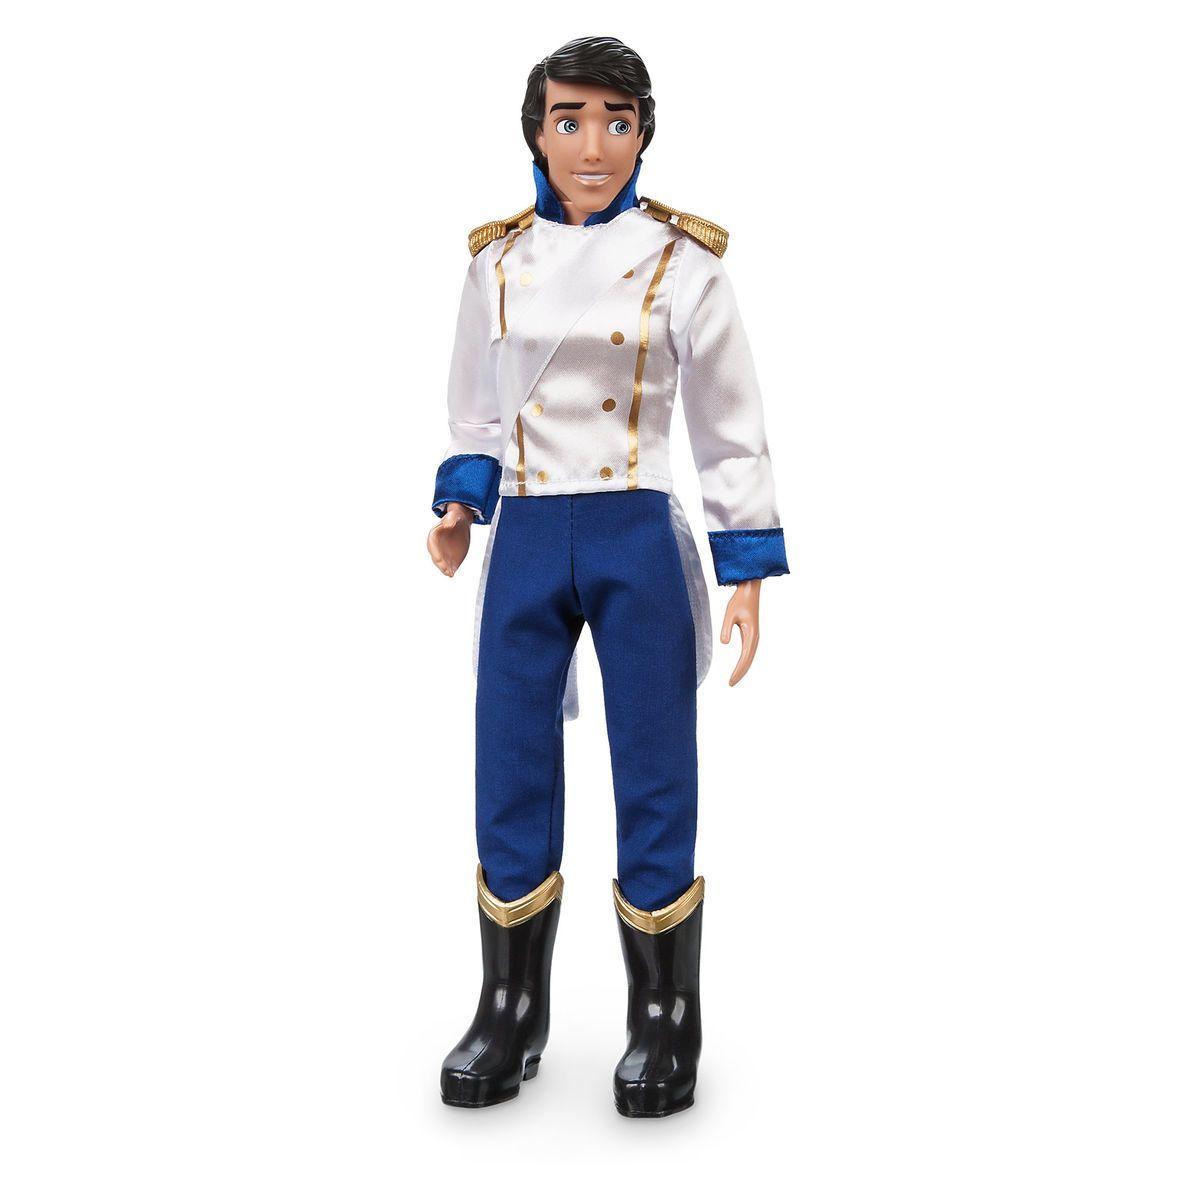 Кукла принц Эрик Дисней 2018 год